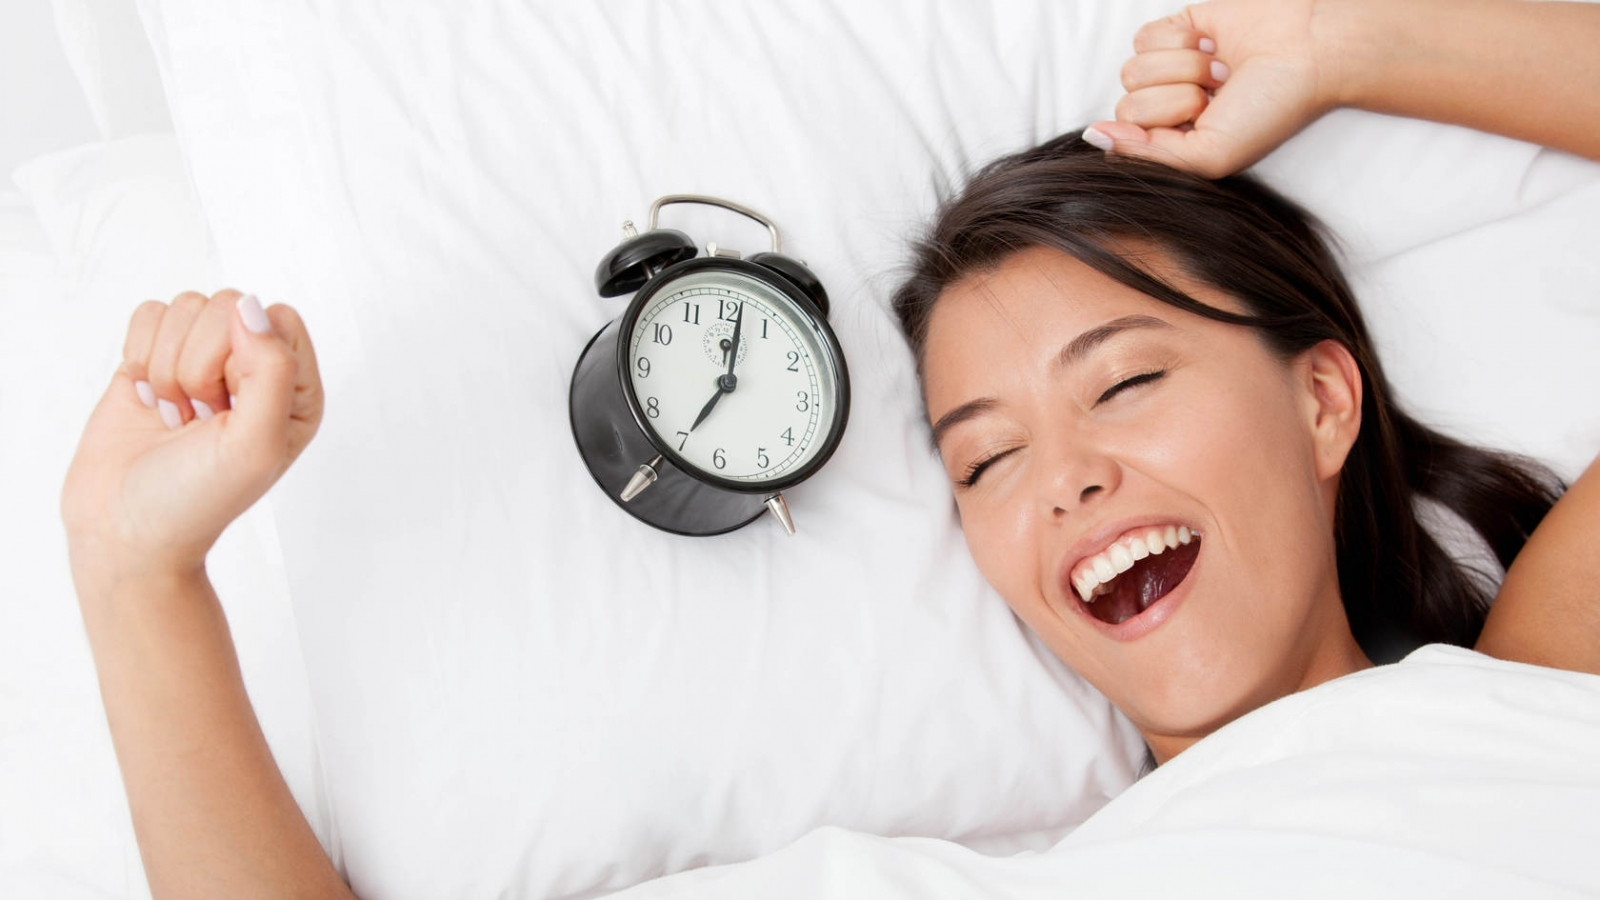 Ученые вычислили идеальное время для отменного и непоколебимого сна